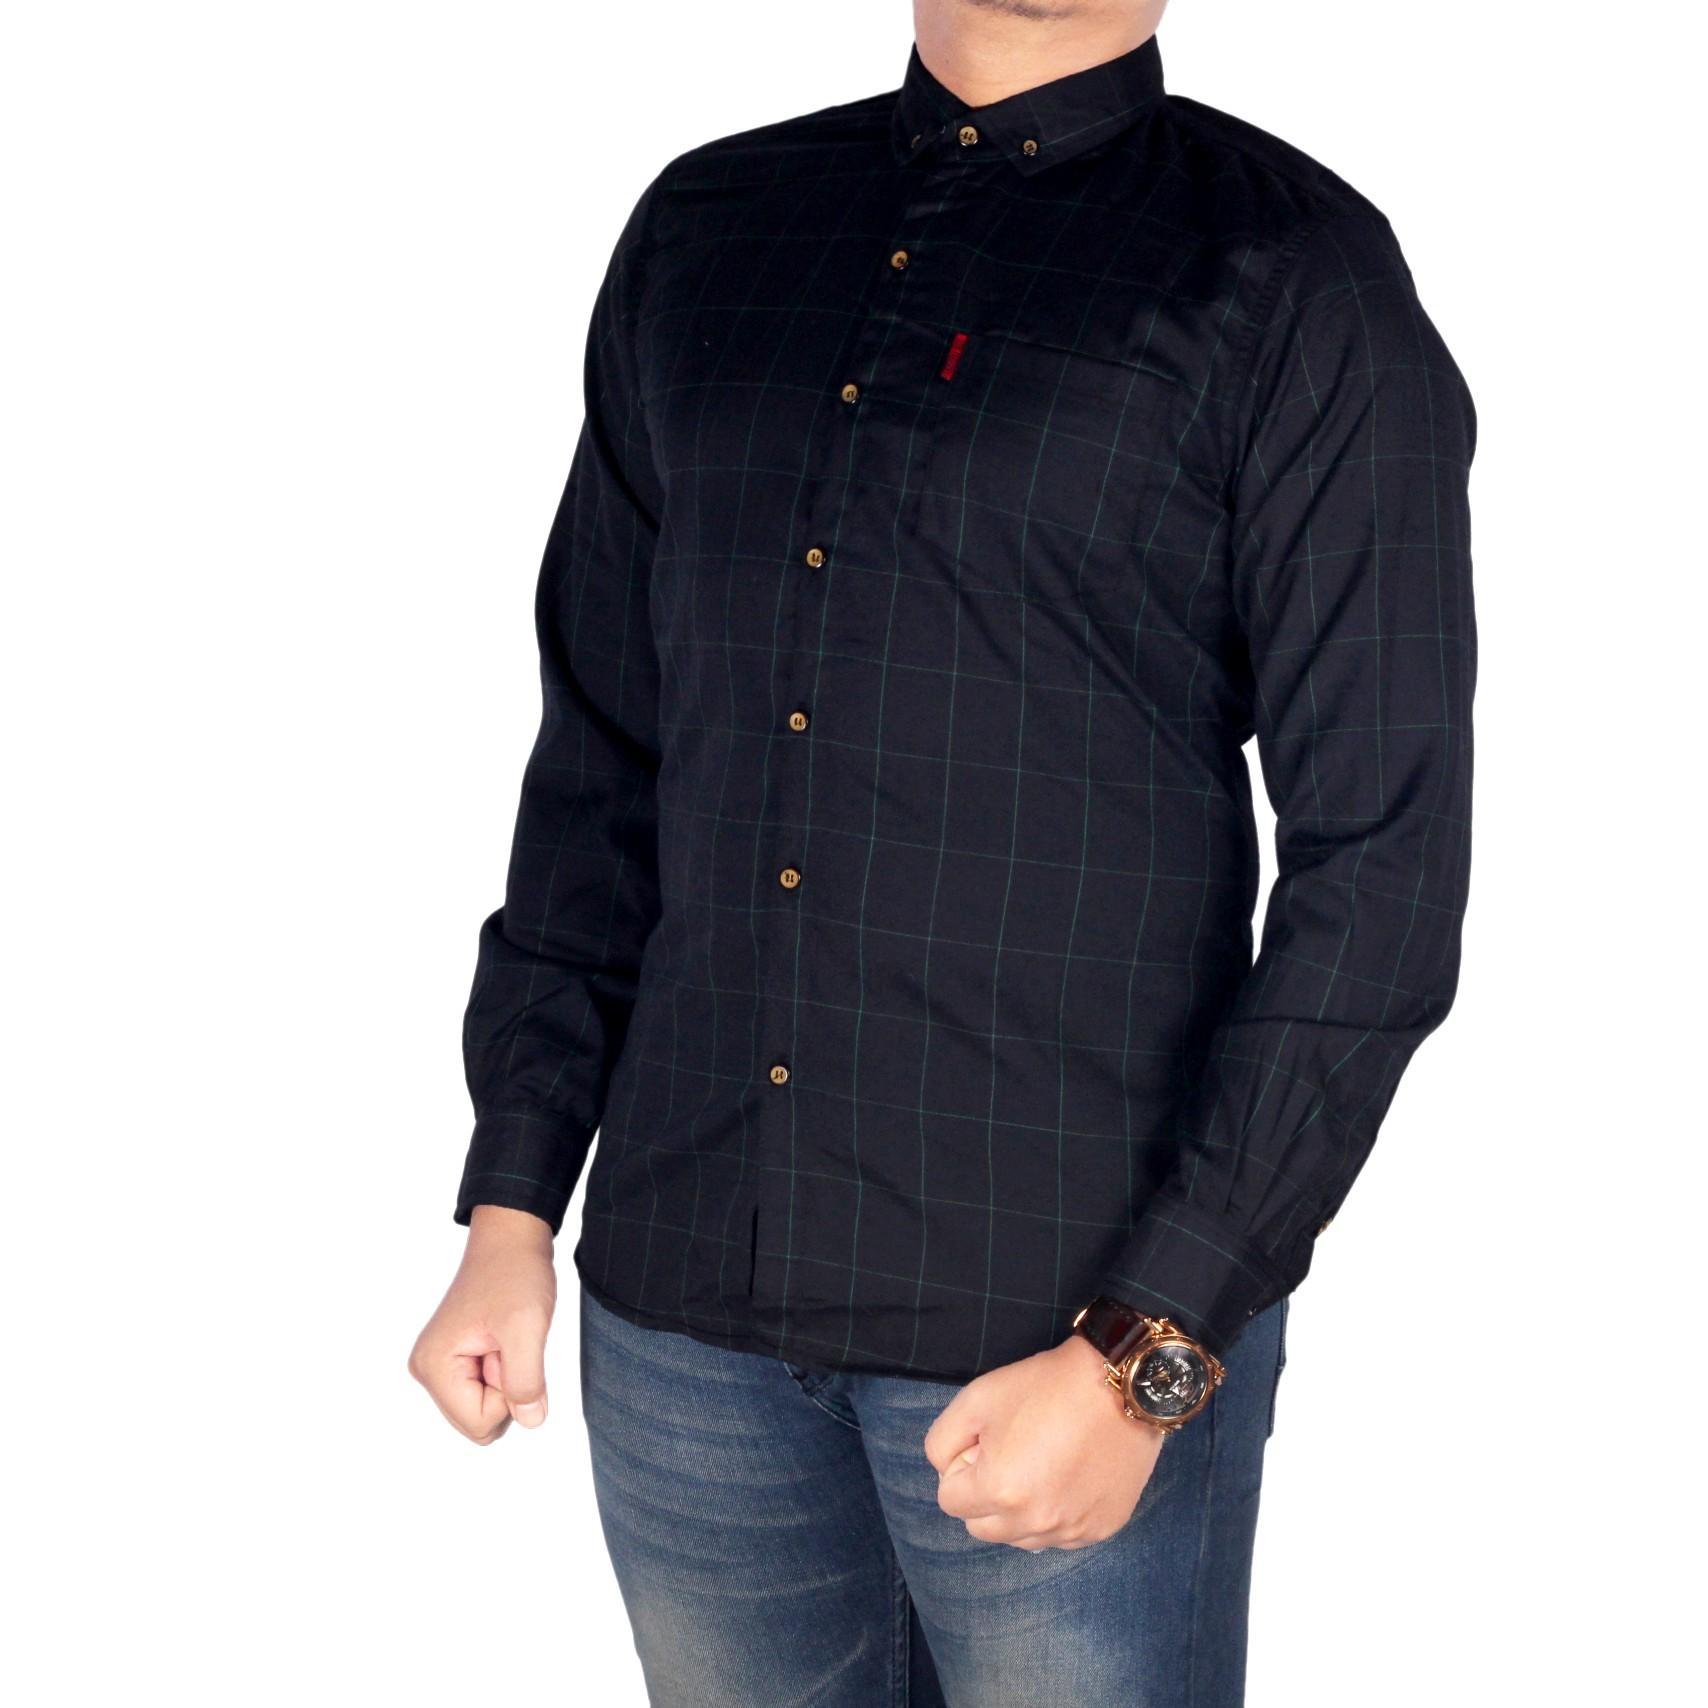 Info Harga Kemeja Pria Batik Kombinasi Terbaru Murah Bulan November Produk Ukm Bumn Parang Kembang Dgm Fashion1 Flanel Lengan Panjang Best Seller Tribal Casual